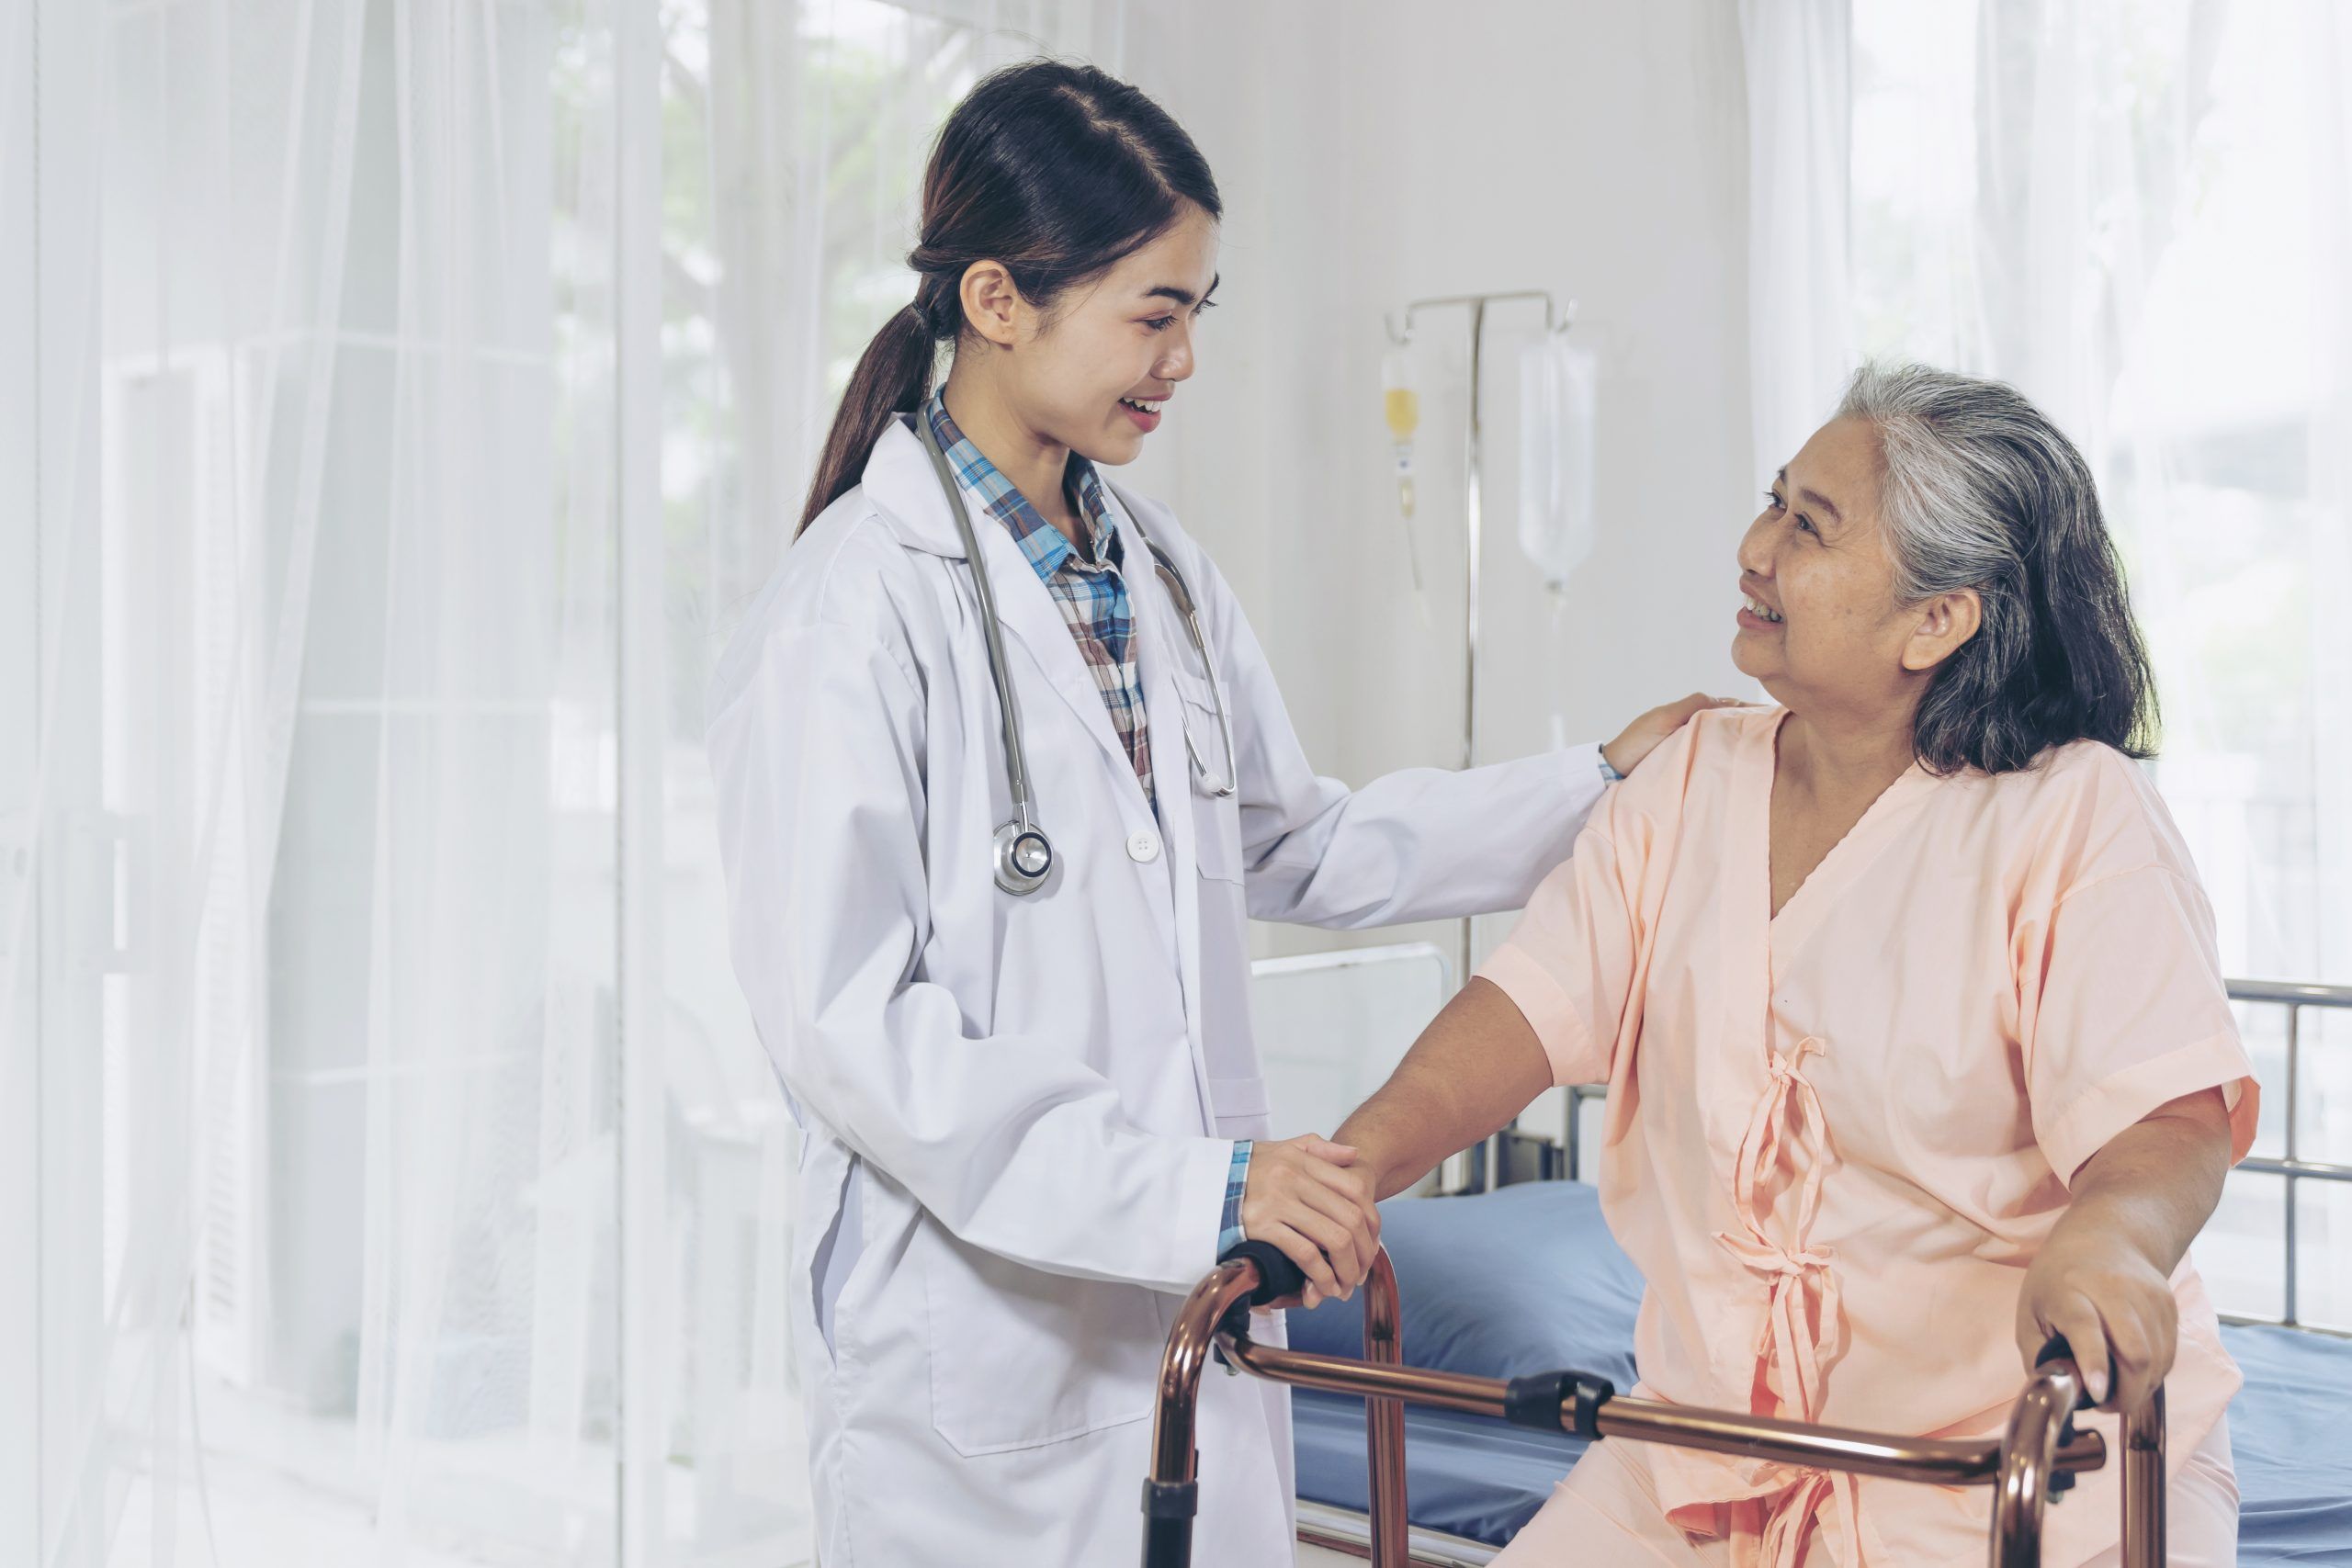 Nutrição clínica hospitalar é uma das demandadas do mercado